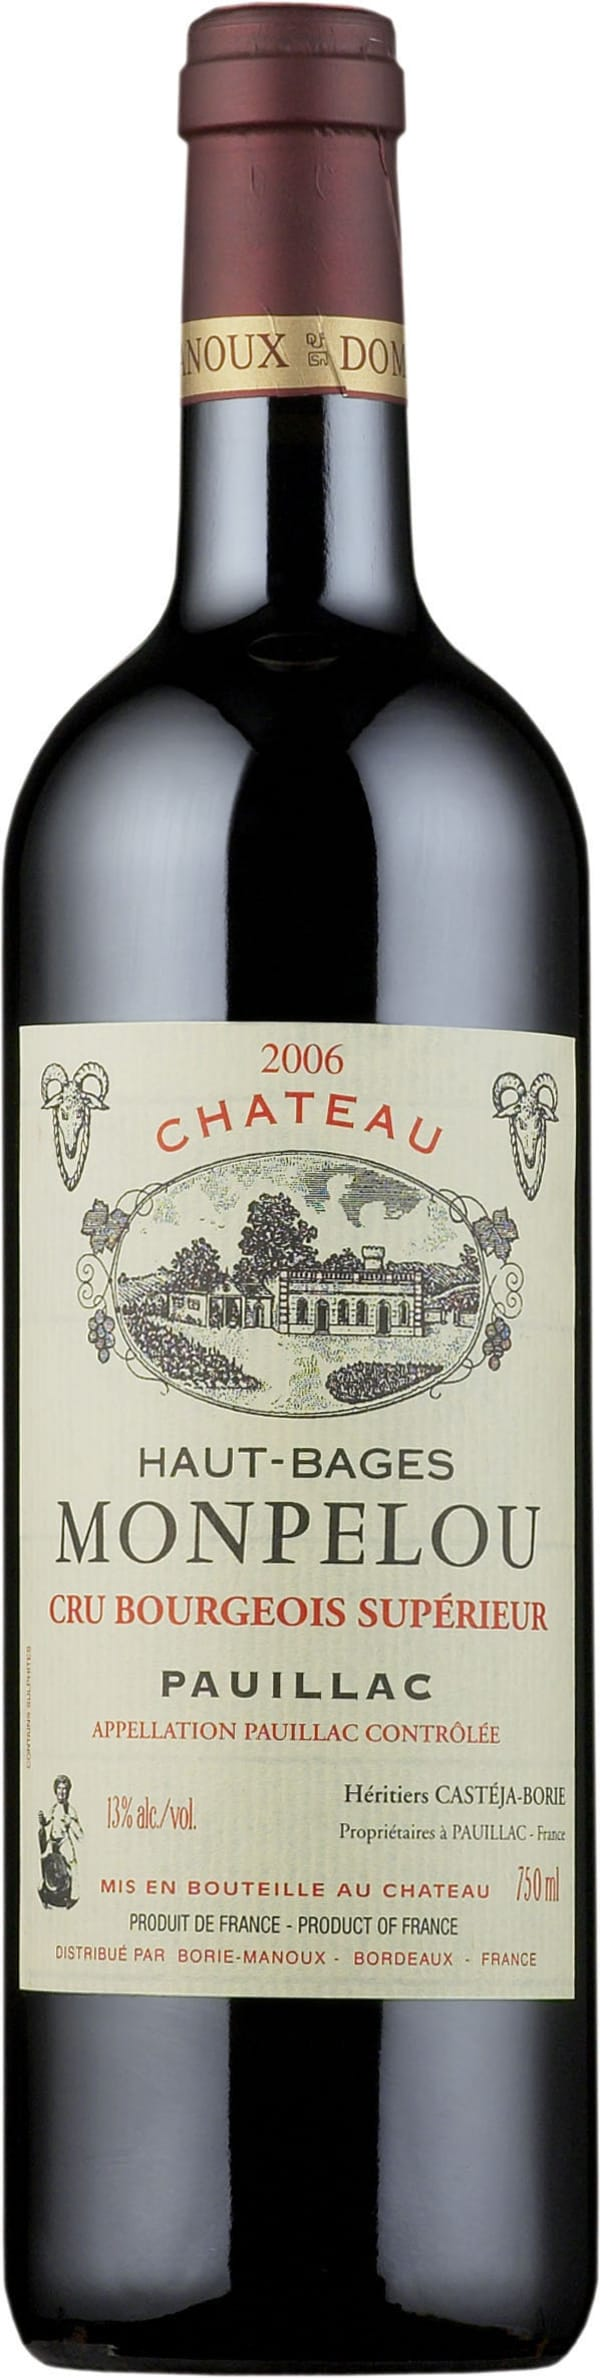 Château Haut-Bages Monpelou 2012